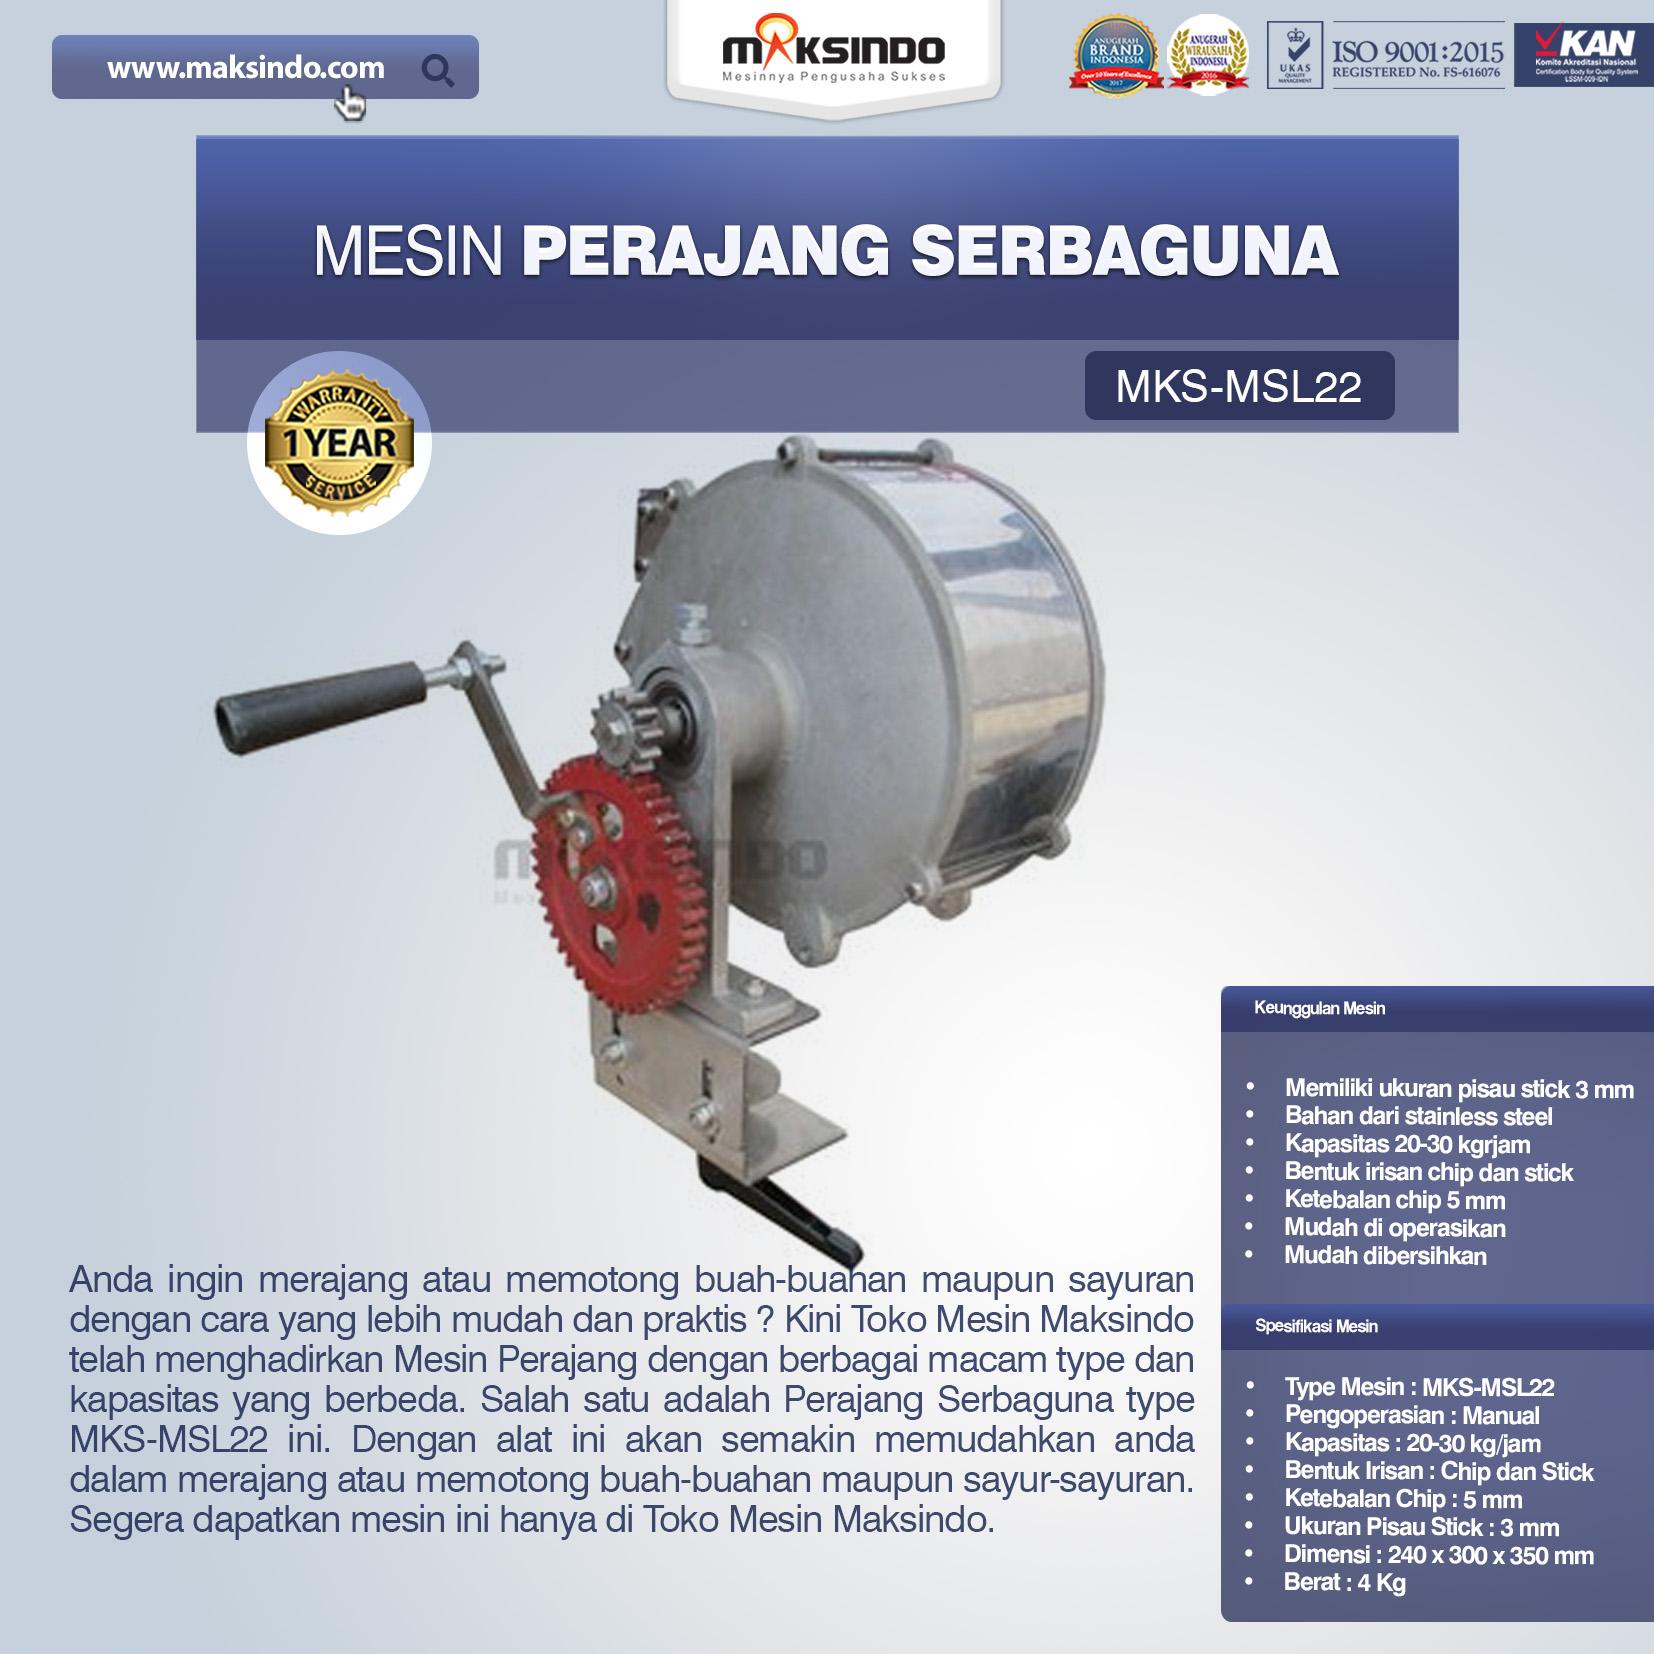 Jual Perajang Serbaguna MKS-MSL22 di Bali